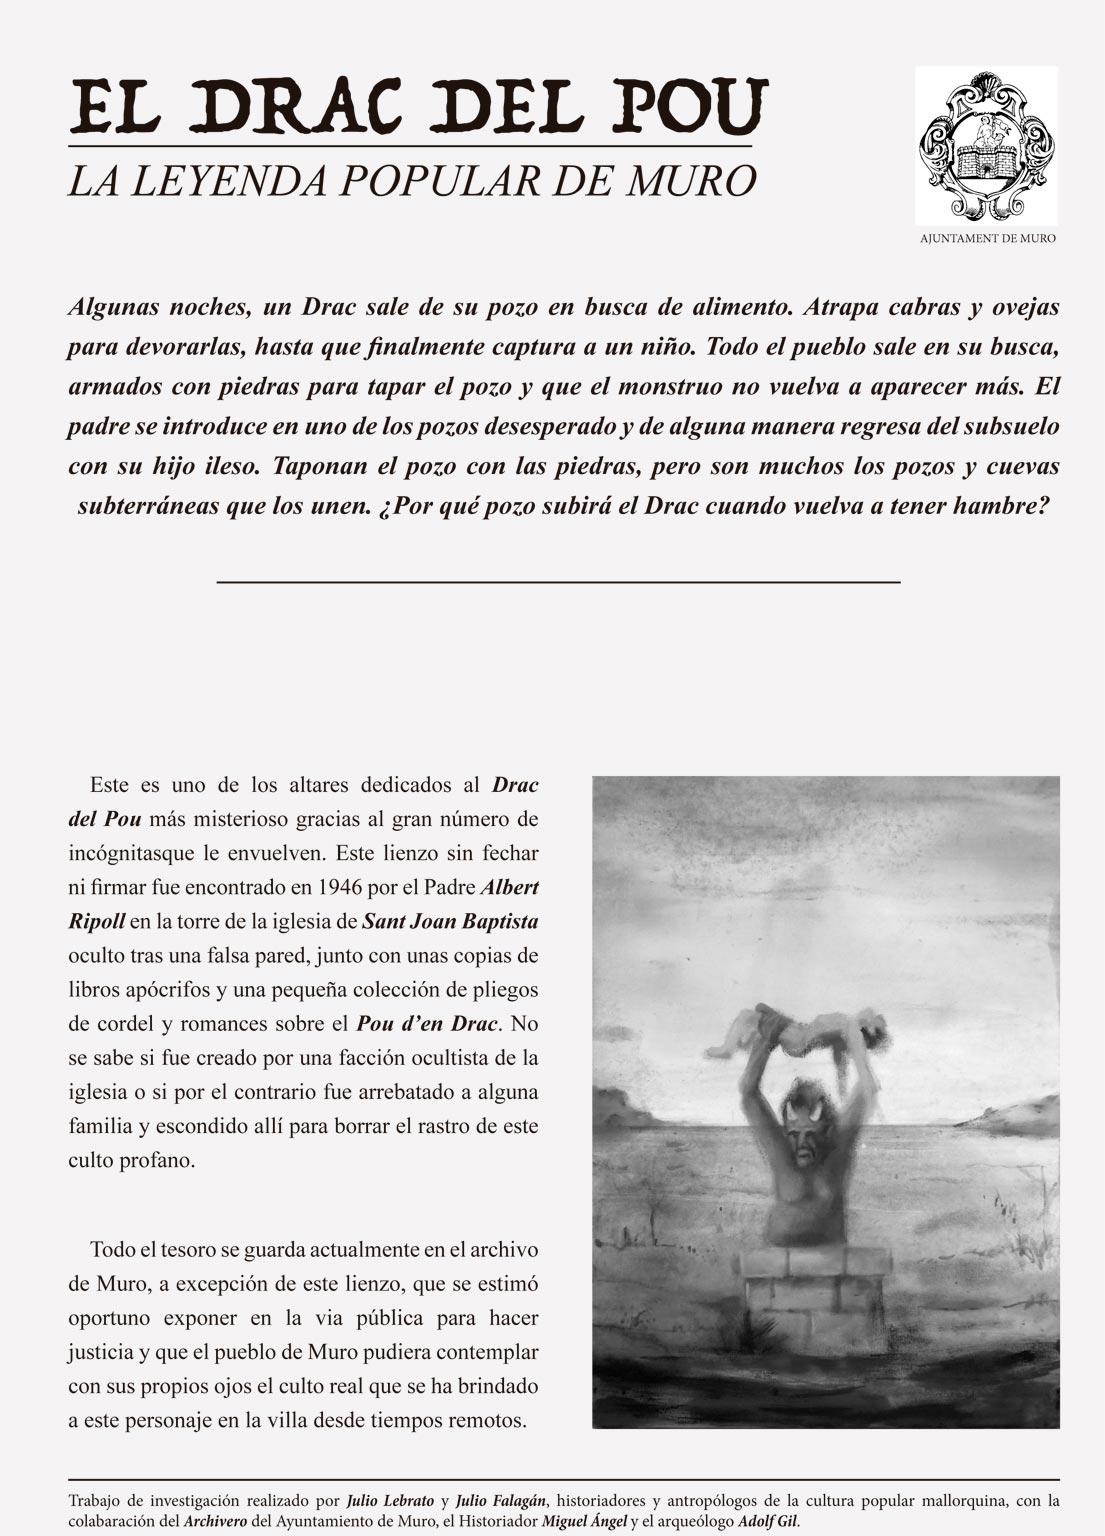 el-drac-del-pou-julio-falagan-4